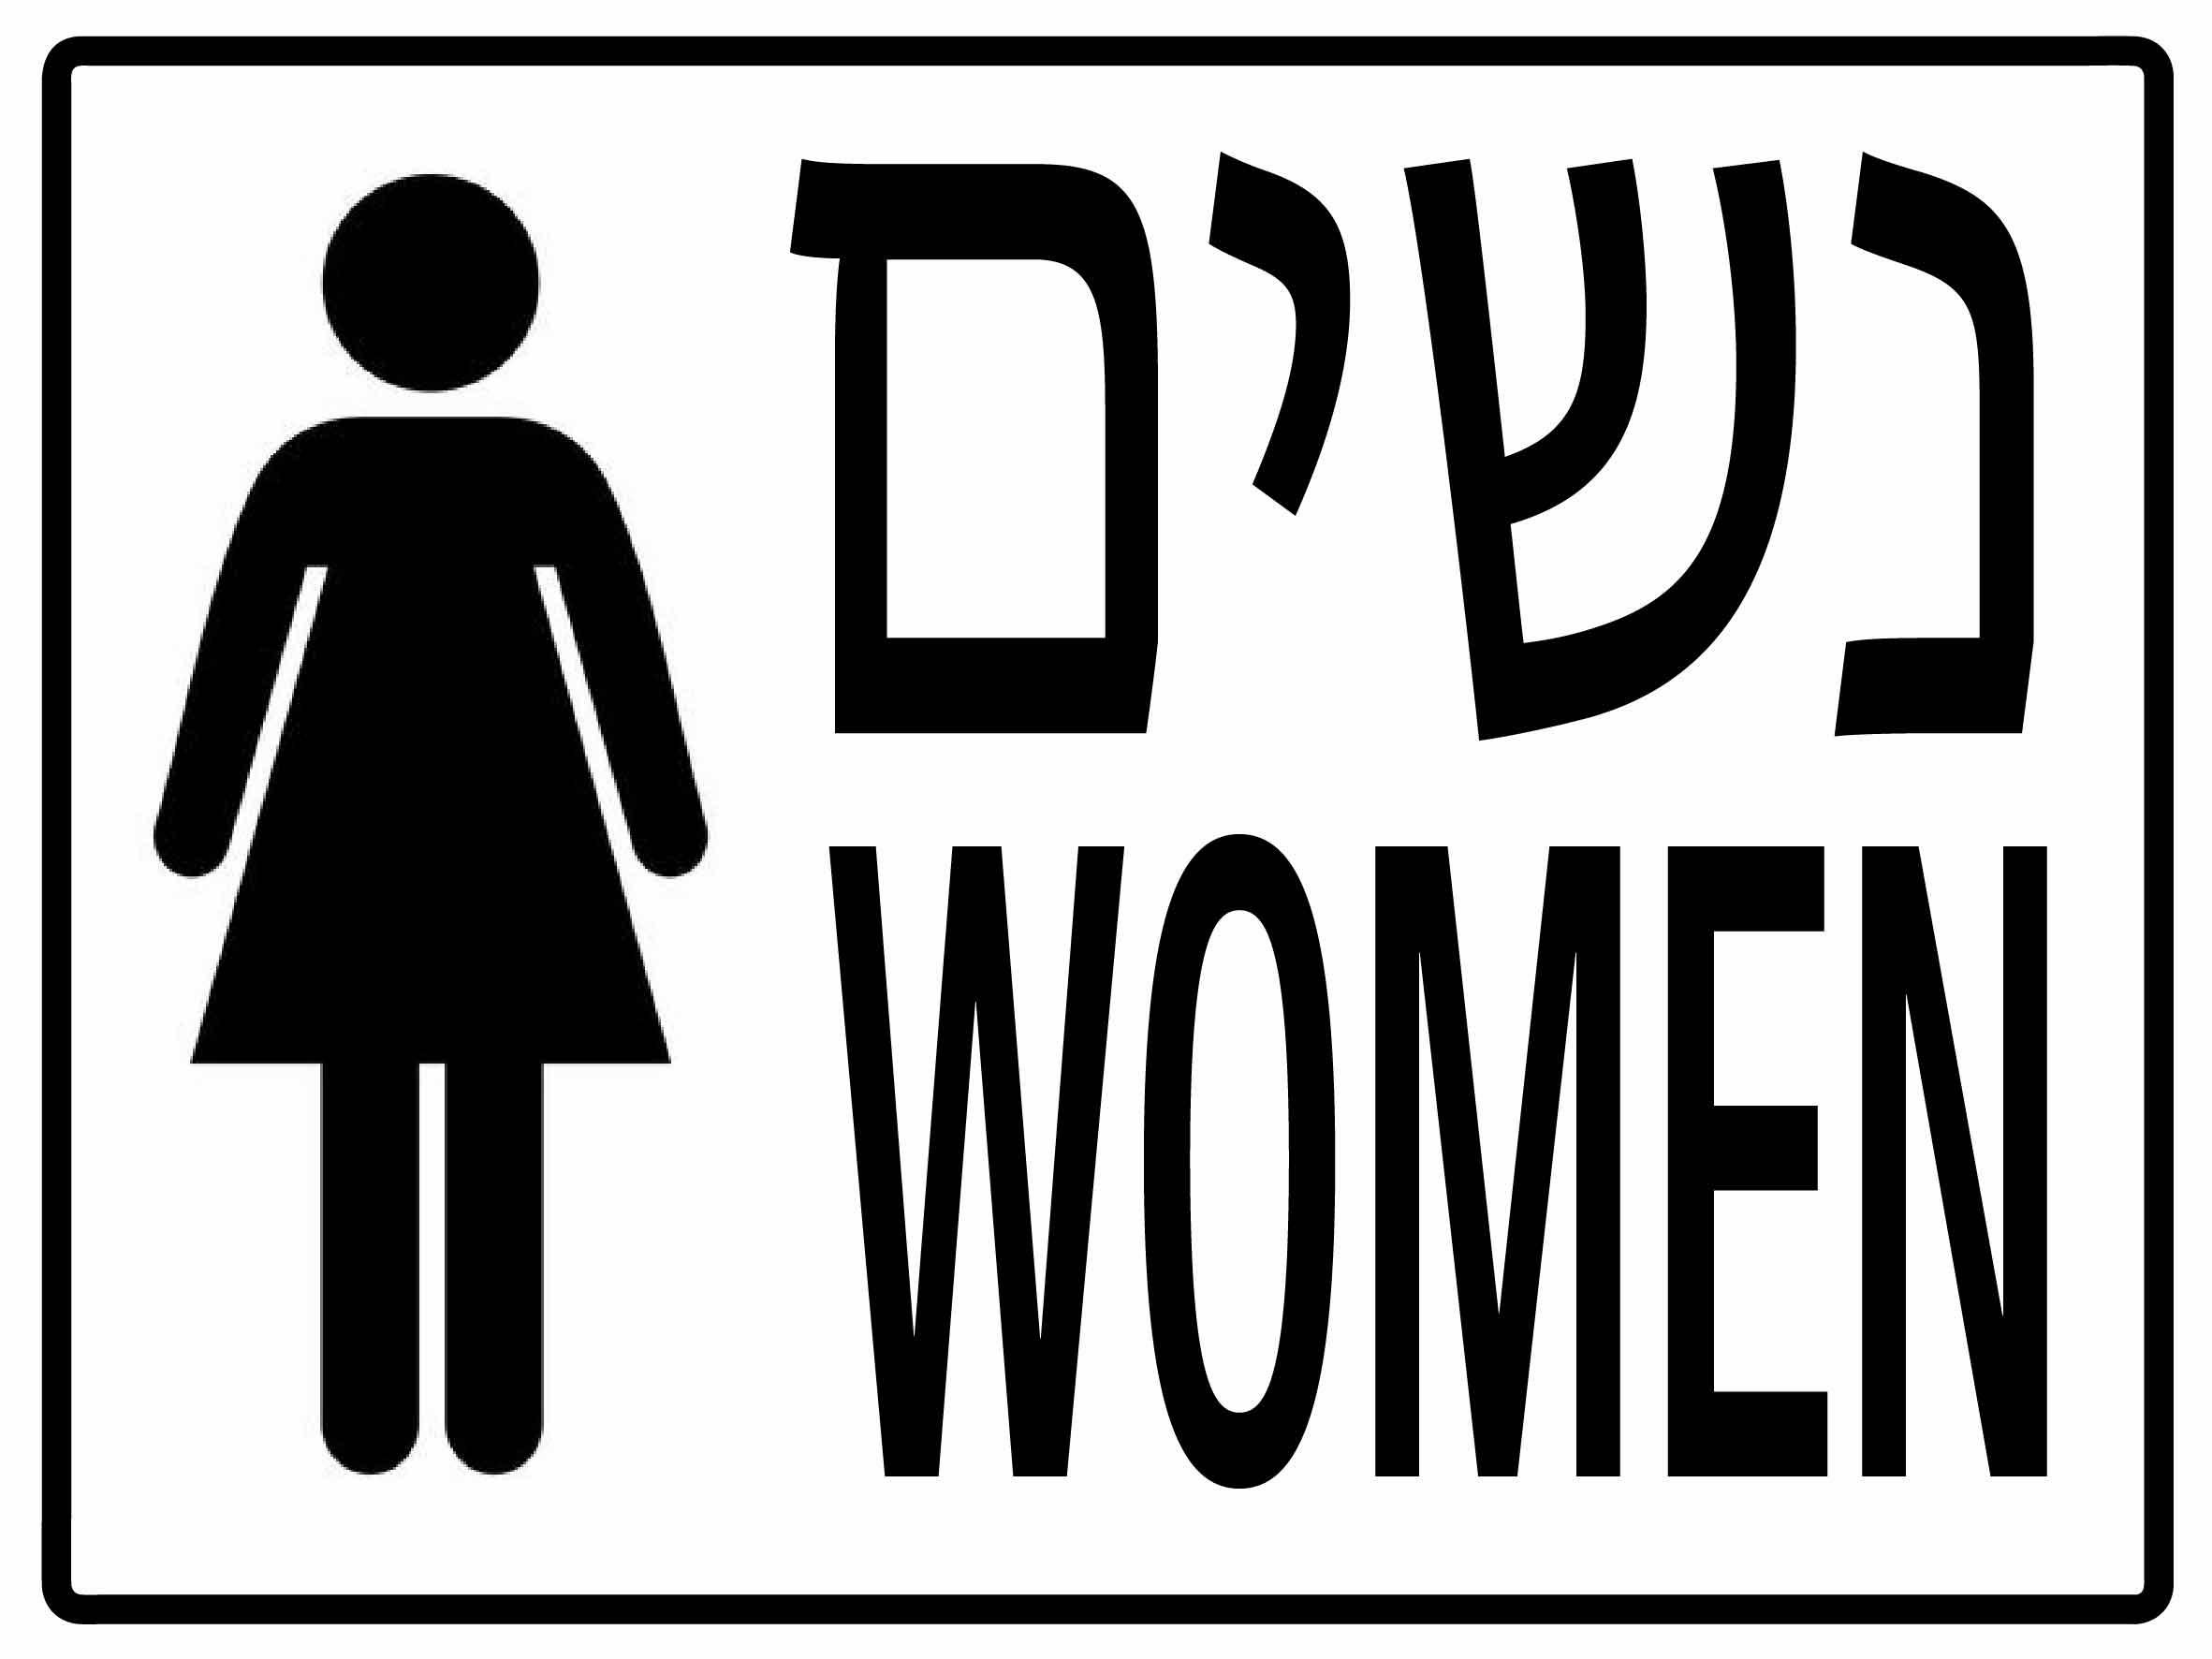 נשים WOMEN גדלים לפי דרישה